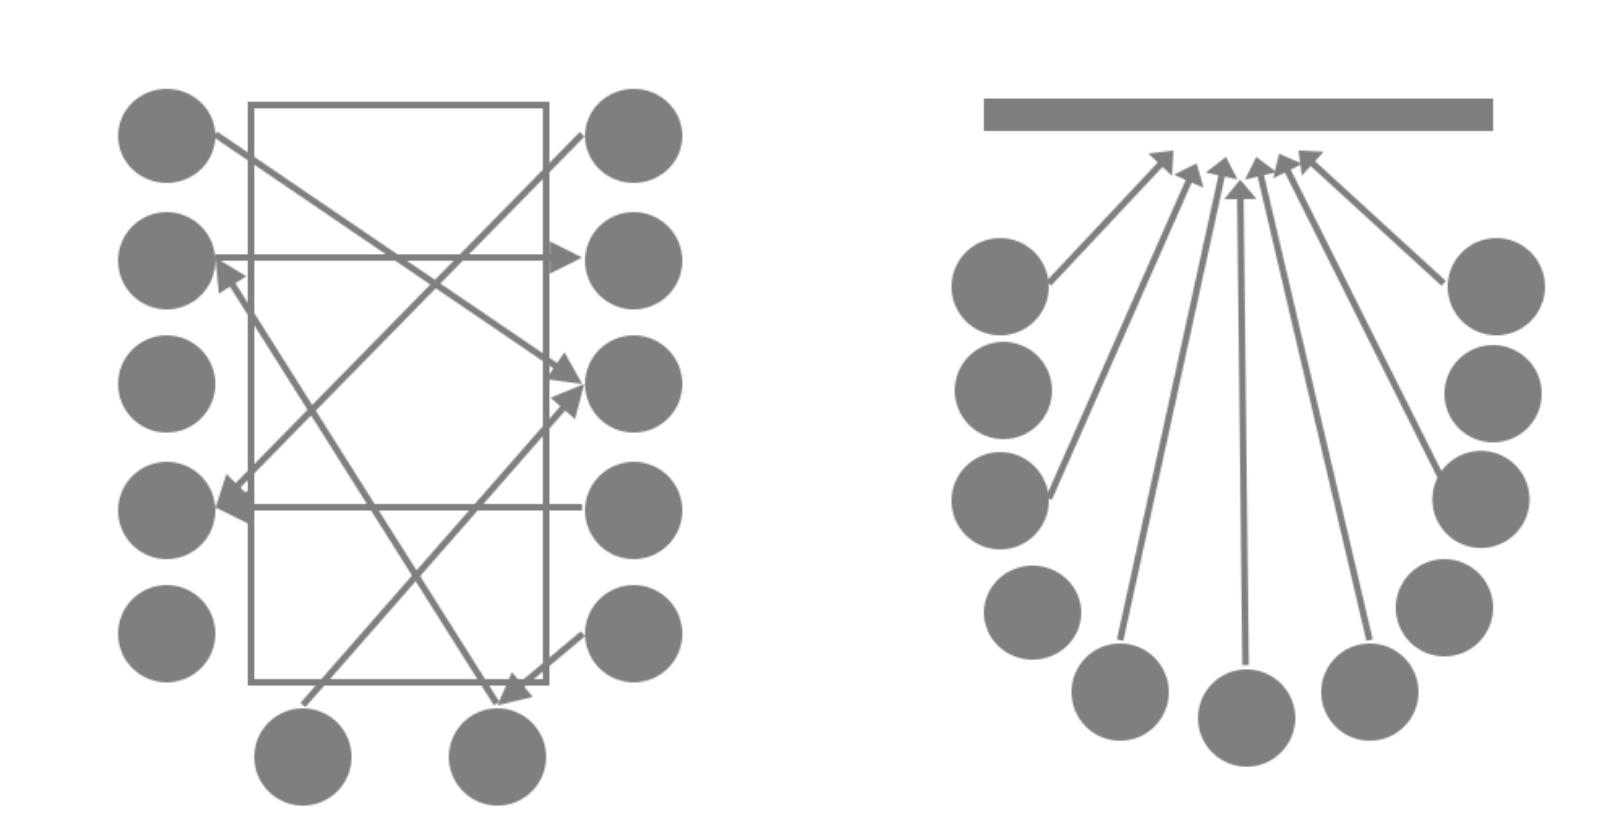 ホワイトボードの効果 イメージ図